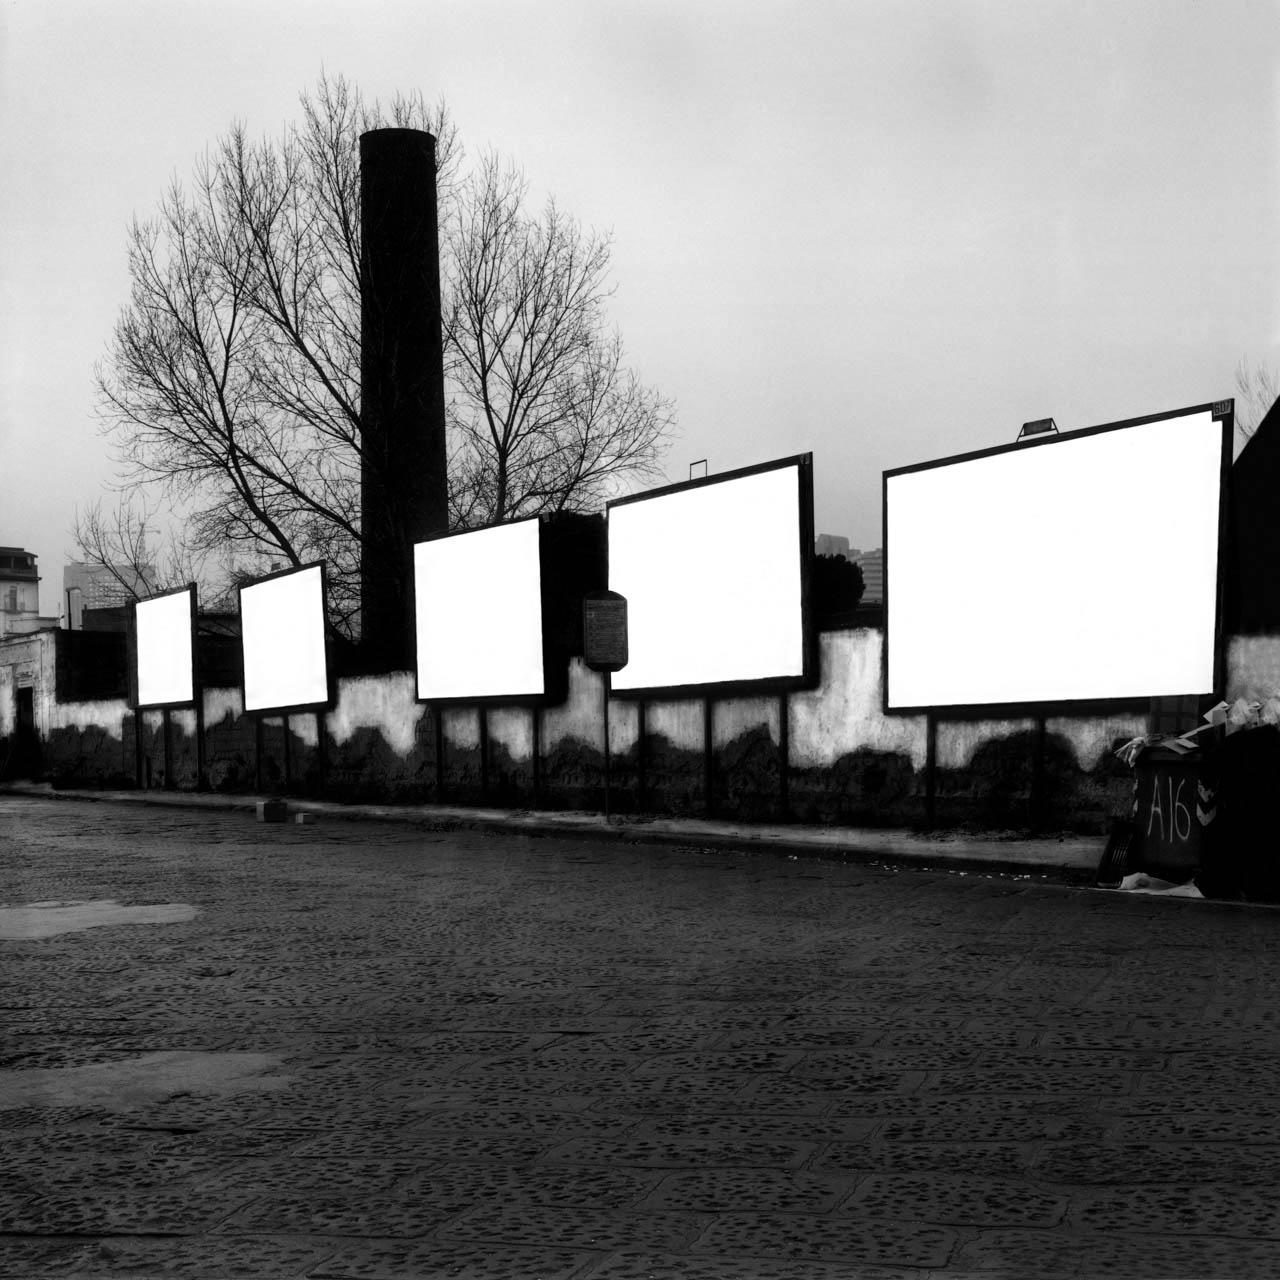 Manifattura tabacchi, Via G. Ferraris, 2001 Stampa digitale su carta Hahnemuhle, cm 100x100 / 120x120 / 140x140 (ed. 6 + 1AP)